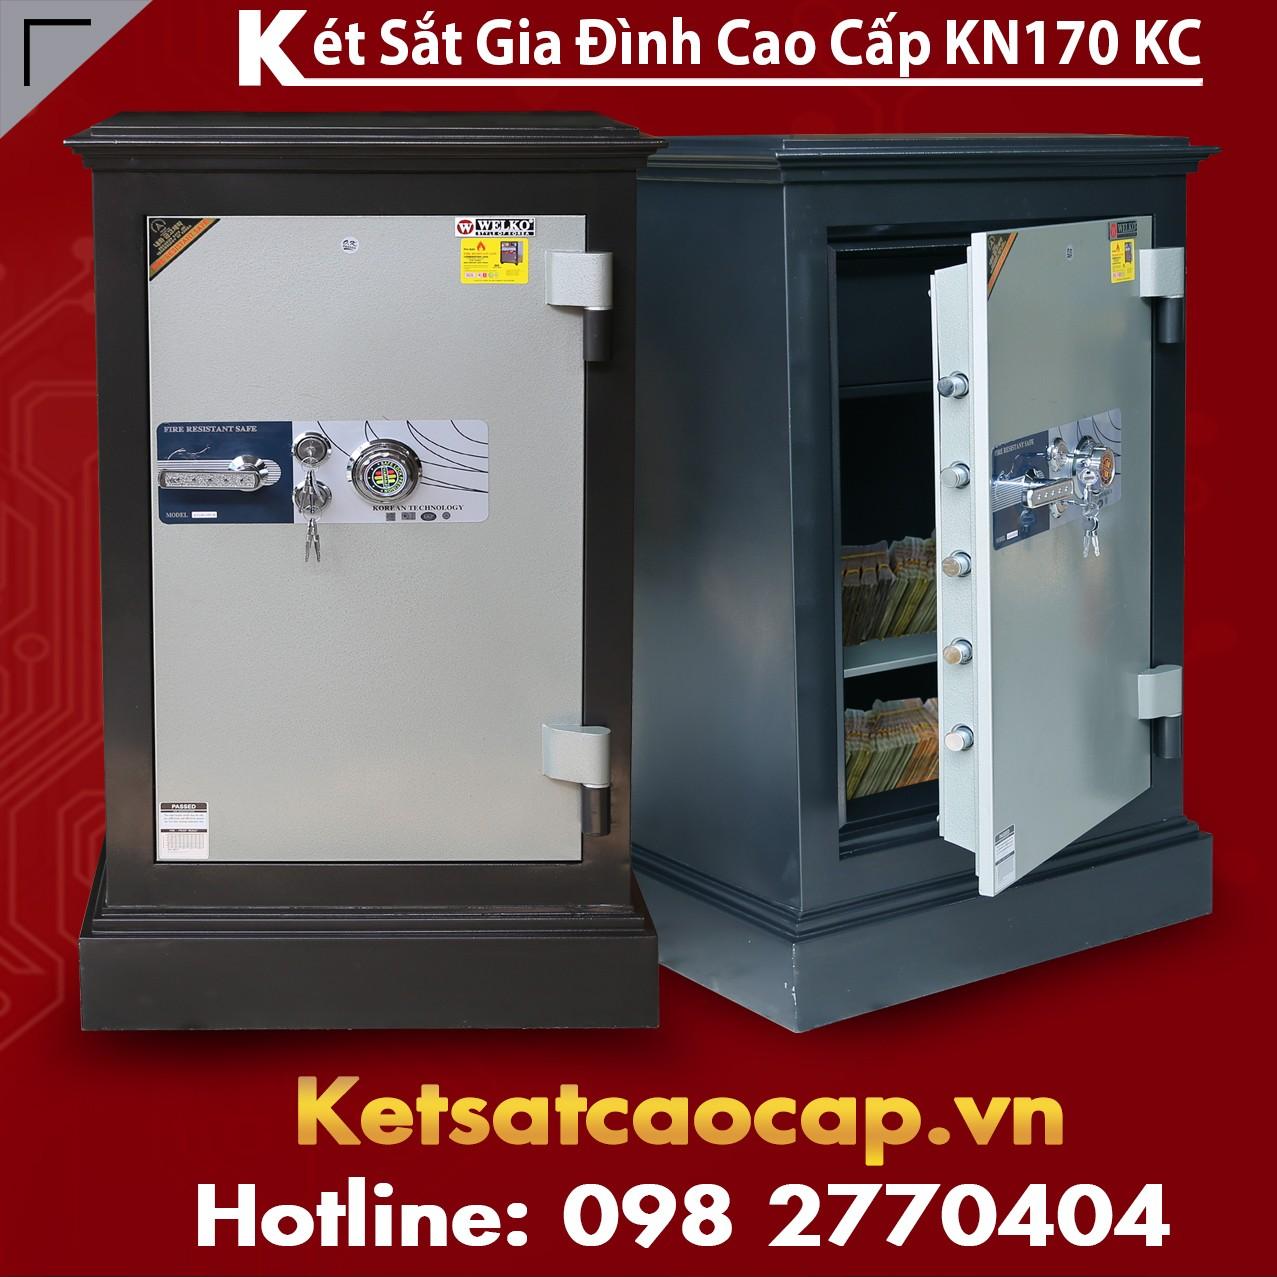 mua két sắt tại thanh hóa - két sắt Fireproof Safes